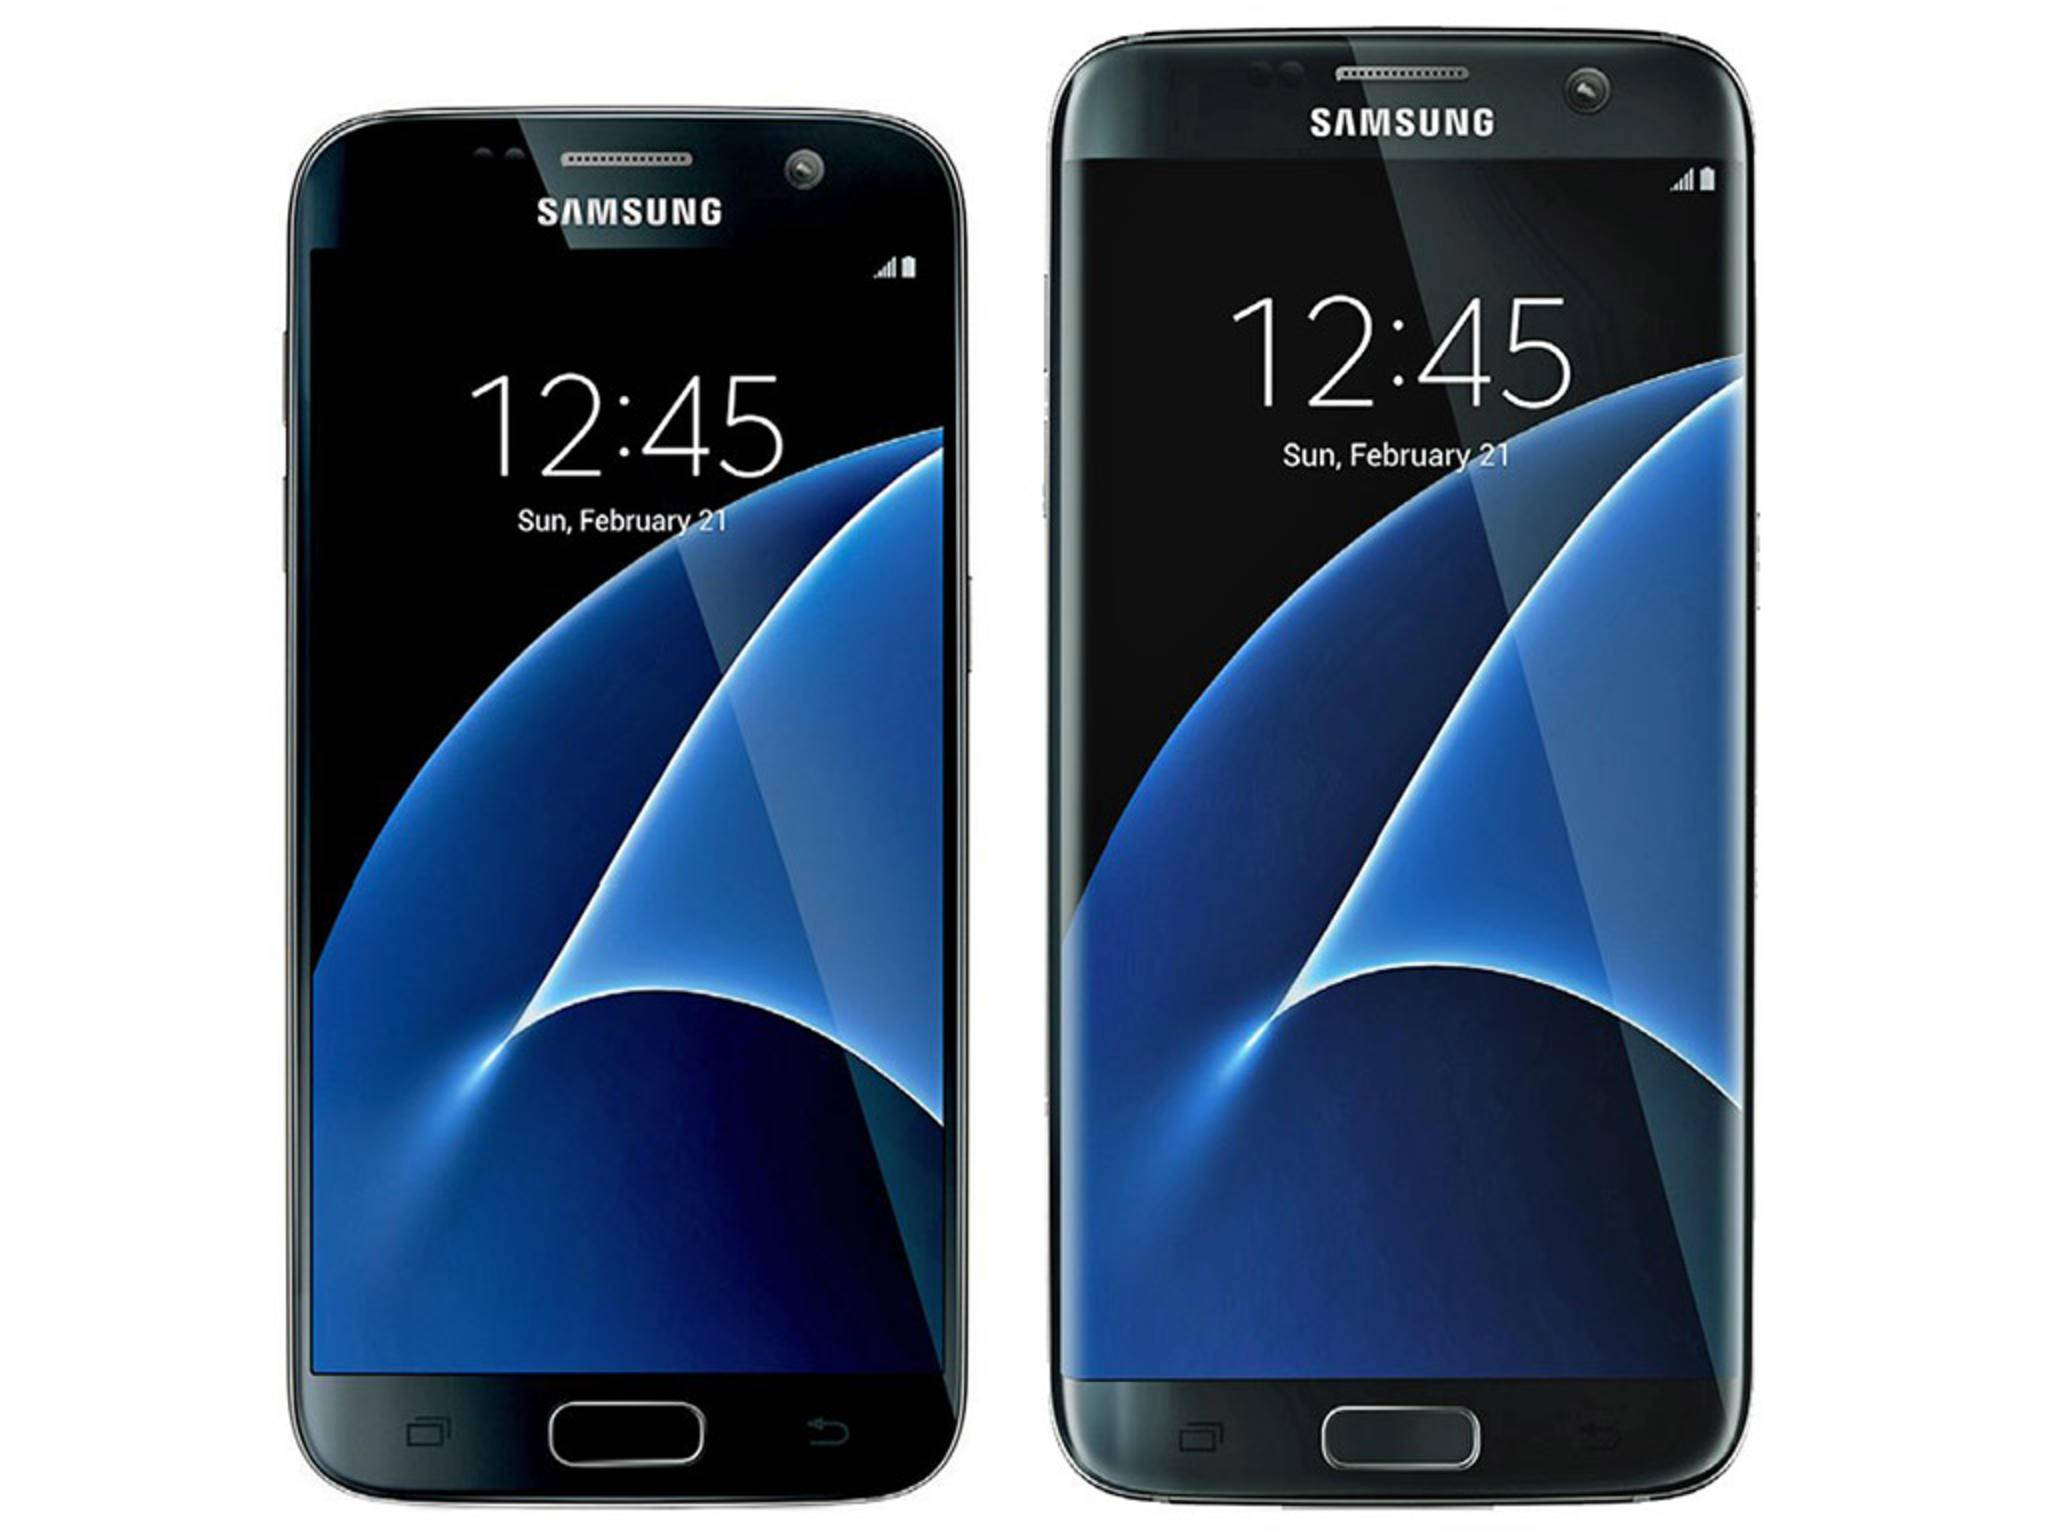 Jetzt gibt es kein Zurück mehr: Galaxy S7 & S7 Edge wurden zertifiziert.